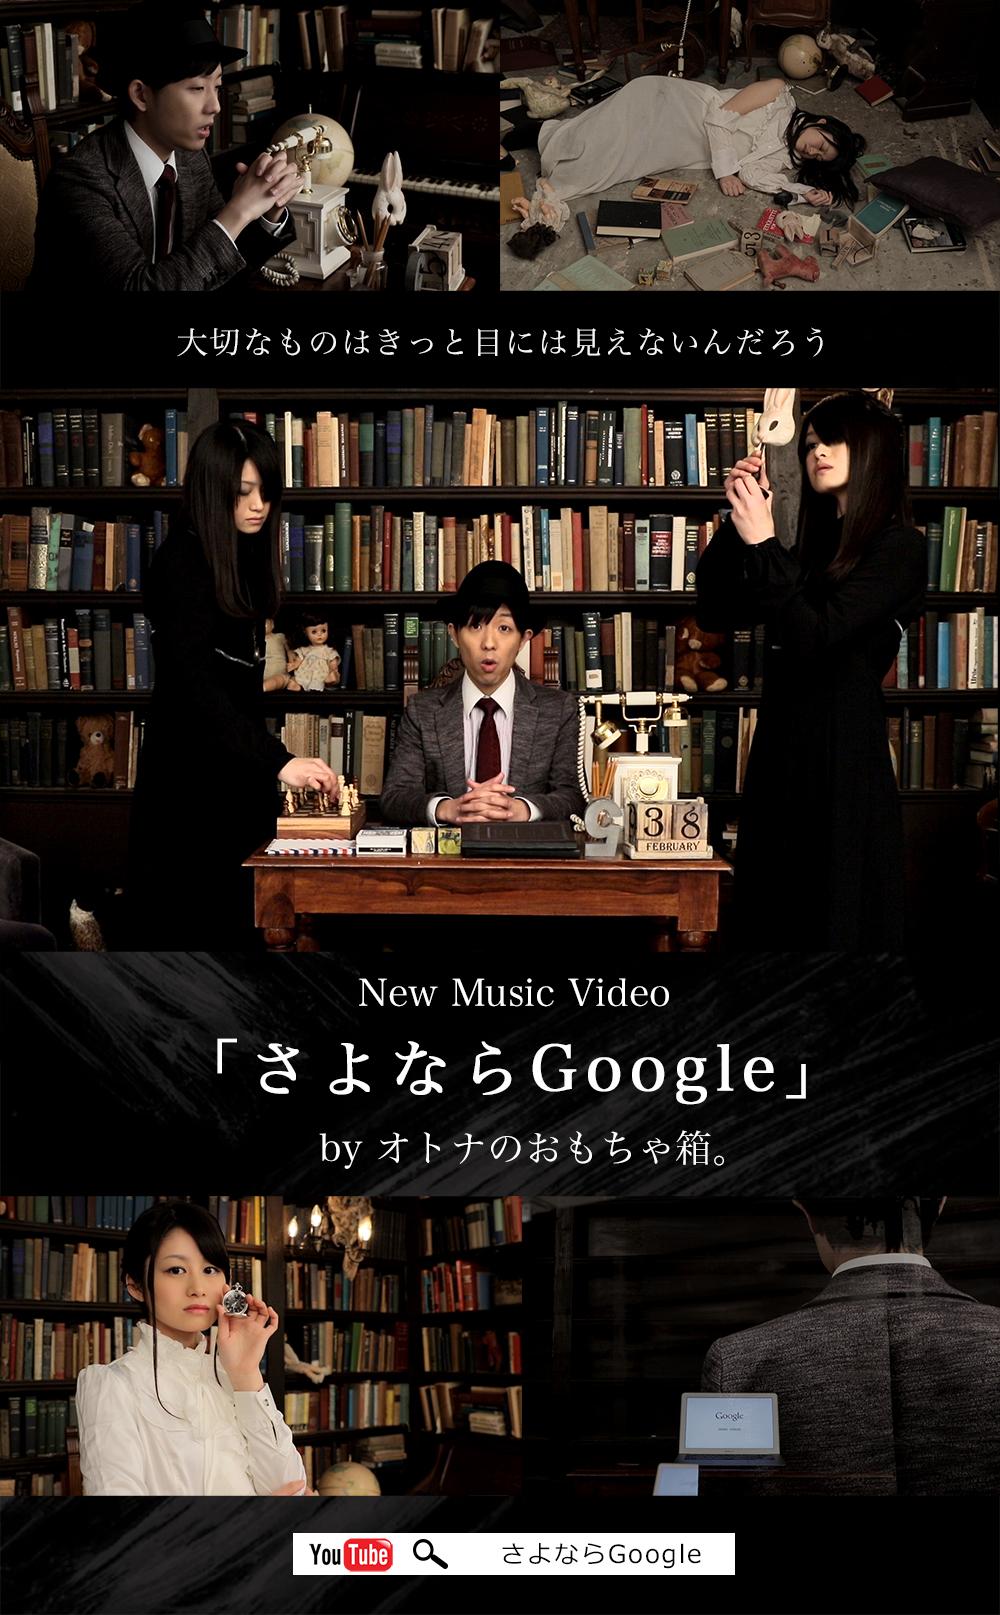 「さよならGoogle」MV